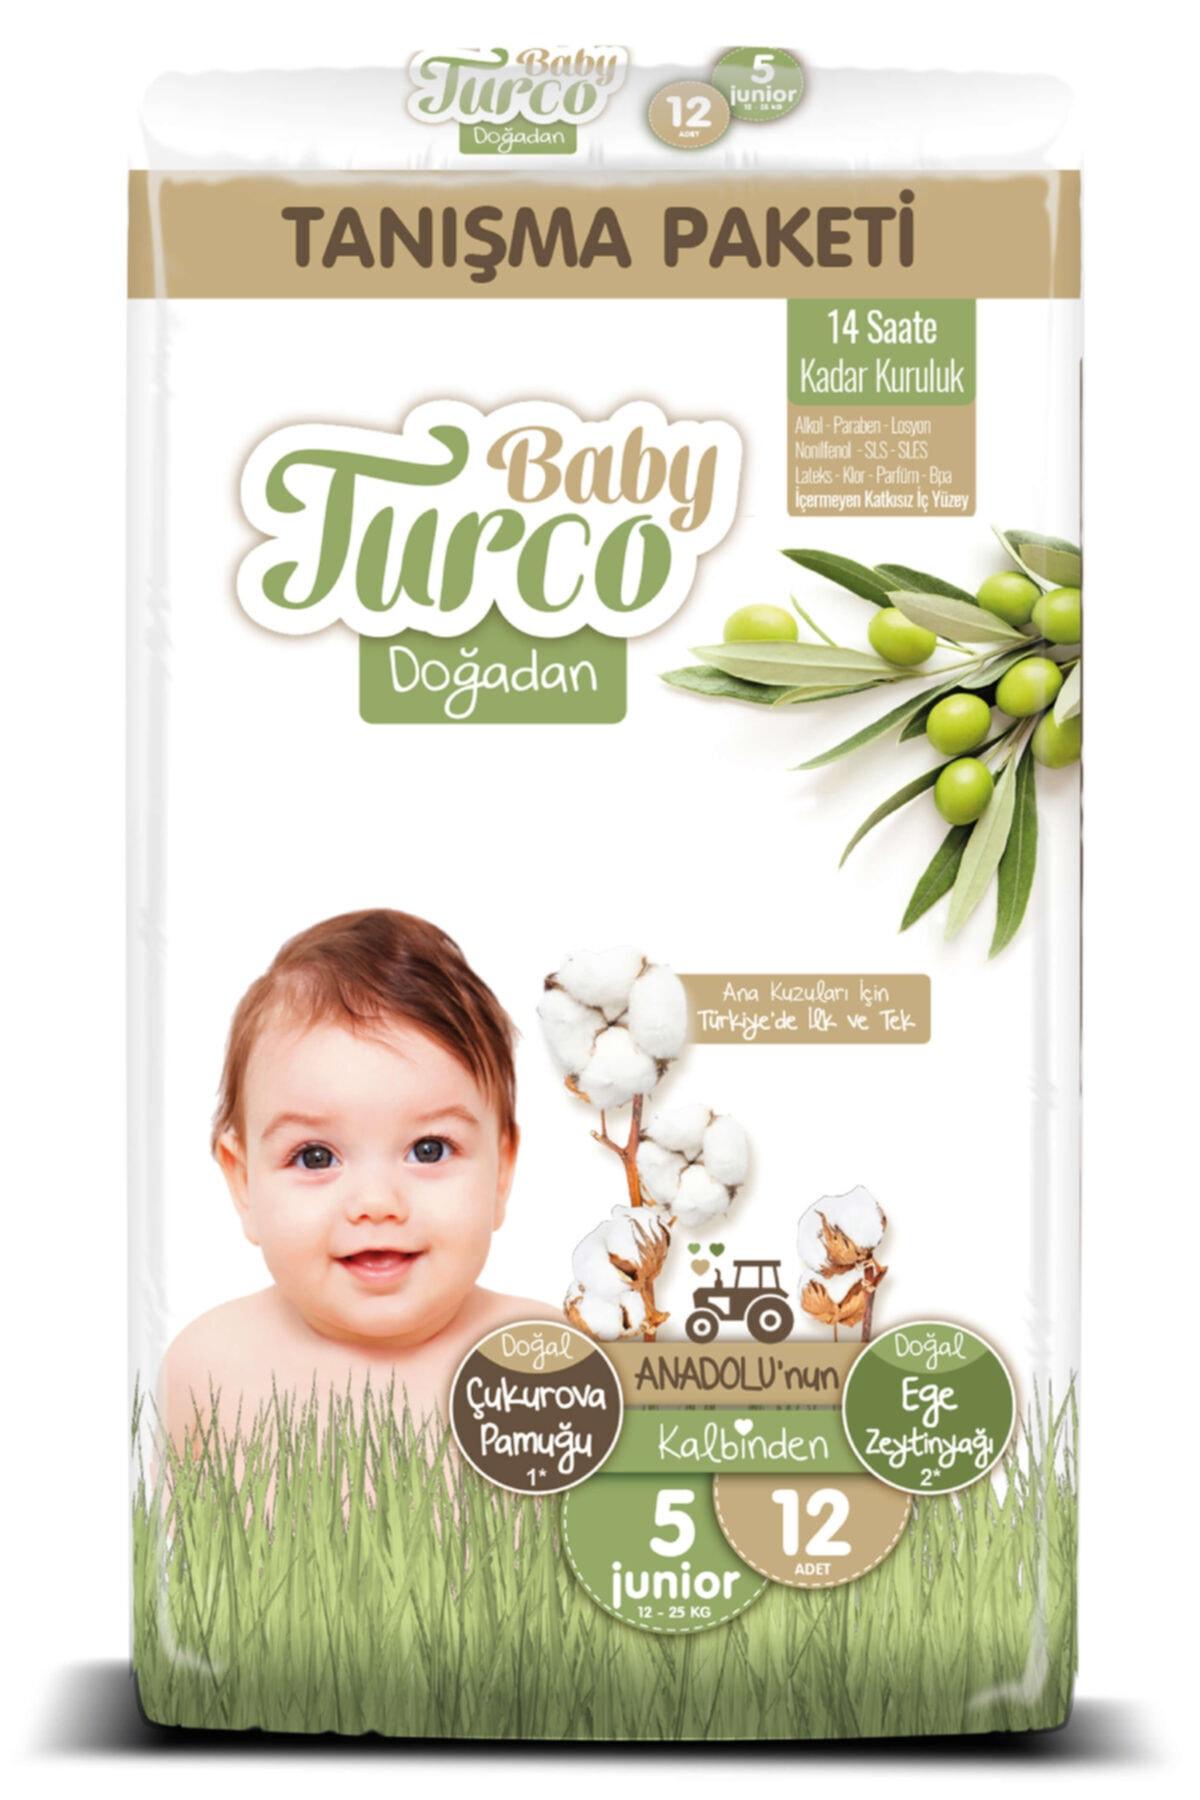 Baby Turco Doğadan 5 Numara Junıor Tanışma Paketi 12 Adet 1